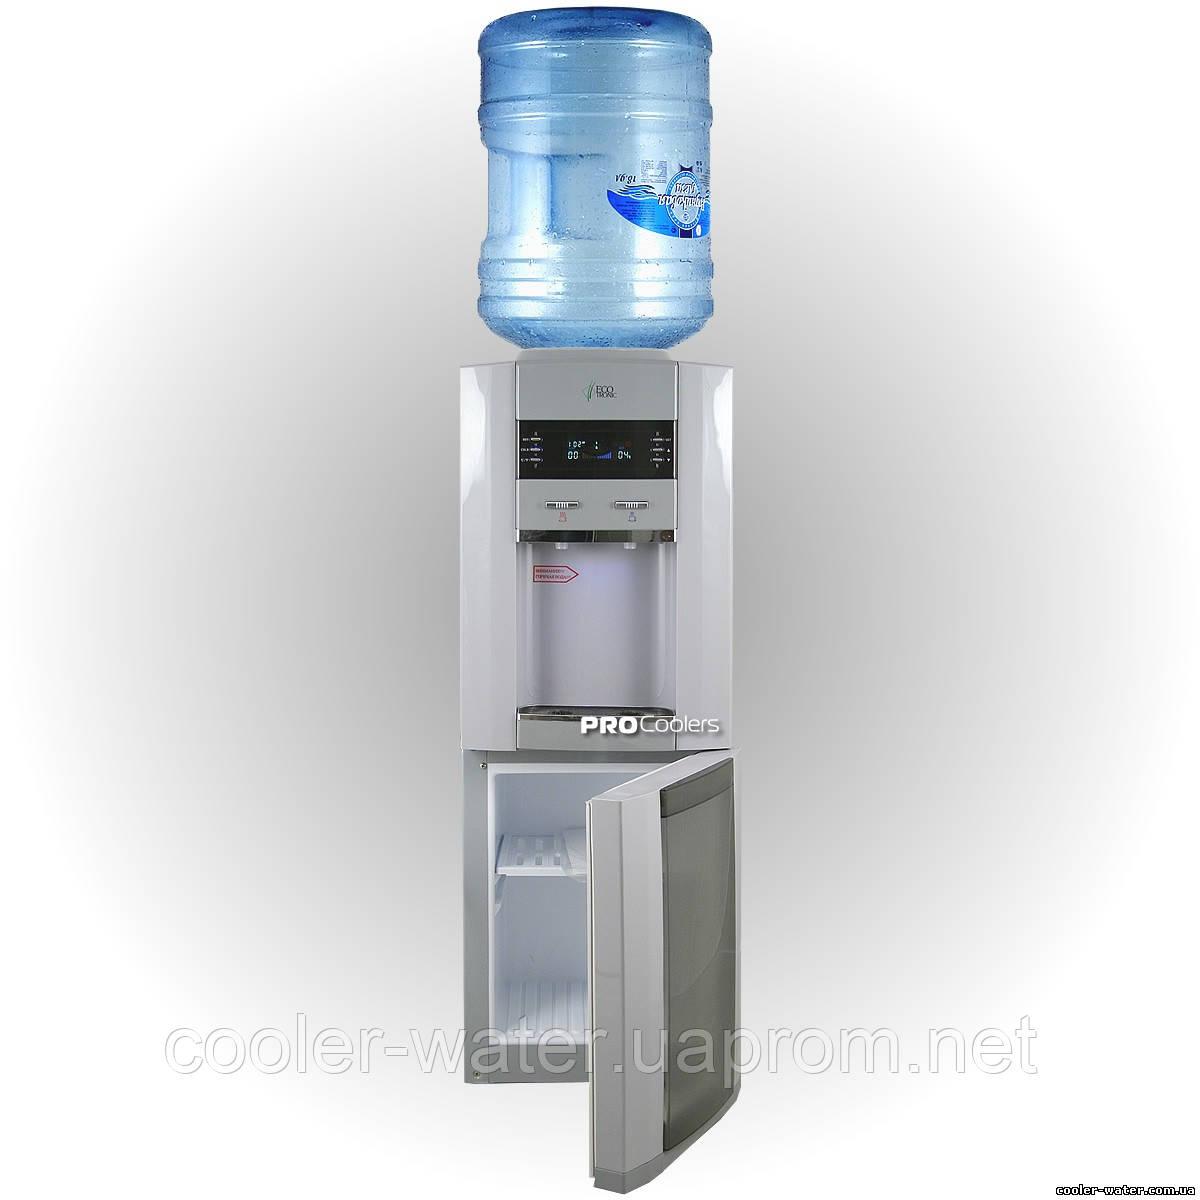 """Кулер для воды Ecotronic G2-LFPM Silver - Интернет-магазин """"cooler-water"""" - Кулеры и аксессуары для воды в Киеве"""